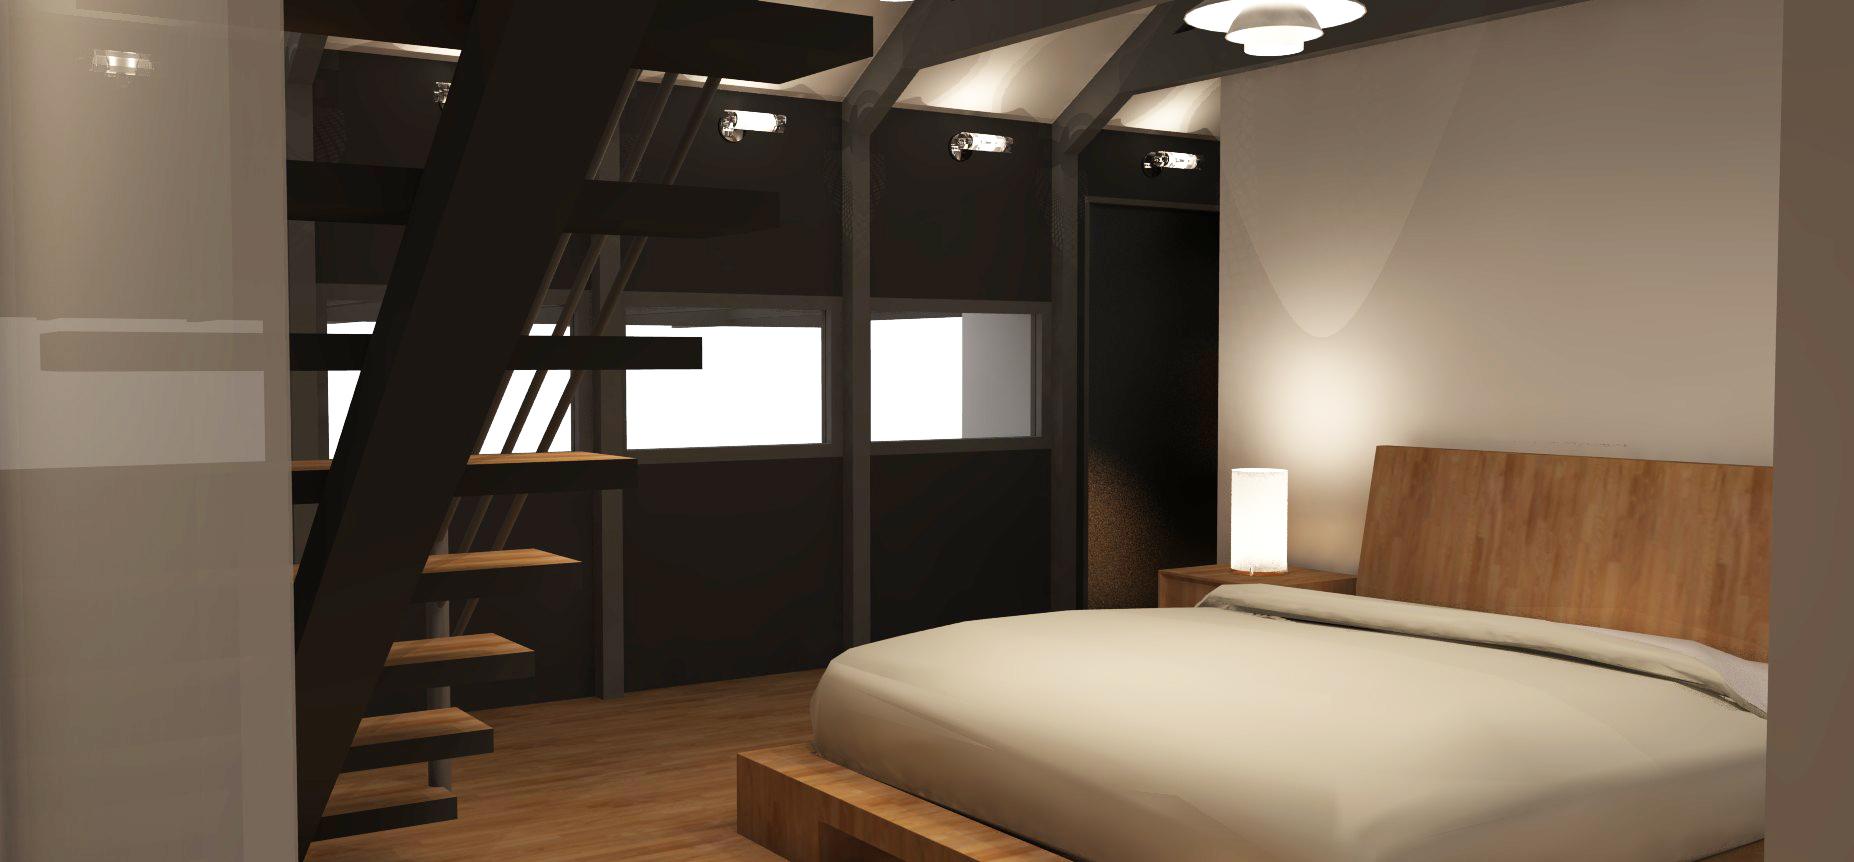 Residence Sandgate - New Master Bedroom